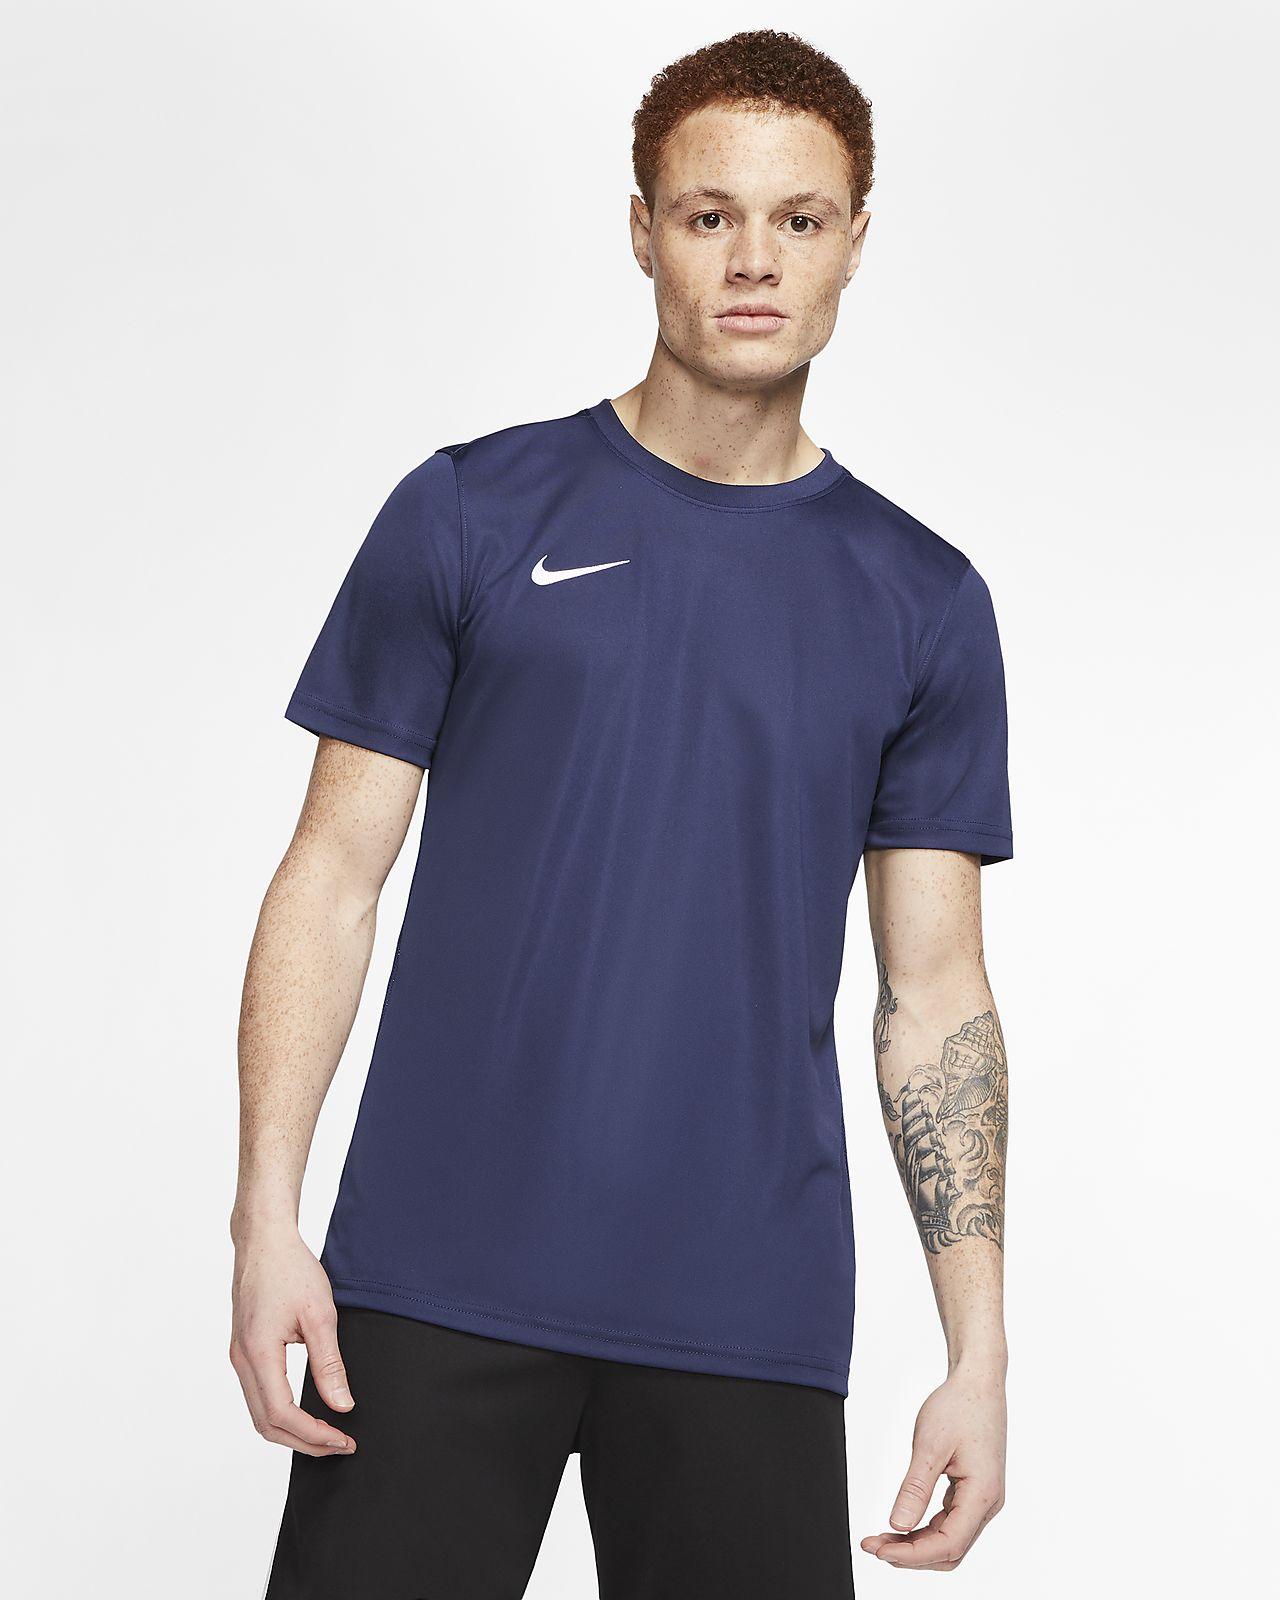 Pánský fotbalový dres Nike Dri-FIT Park 7